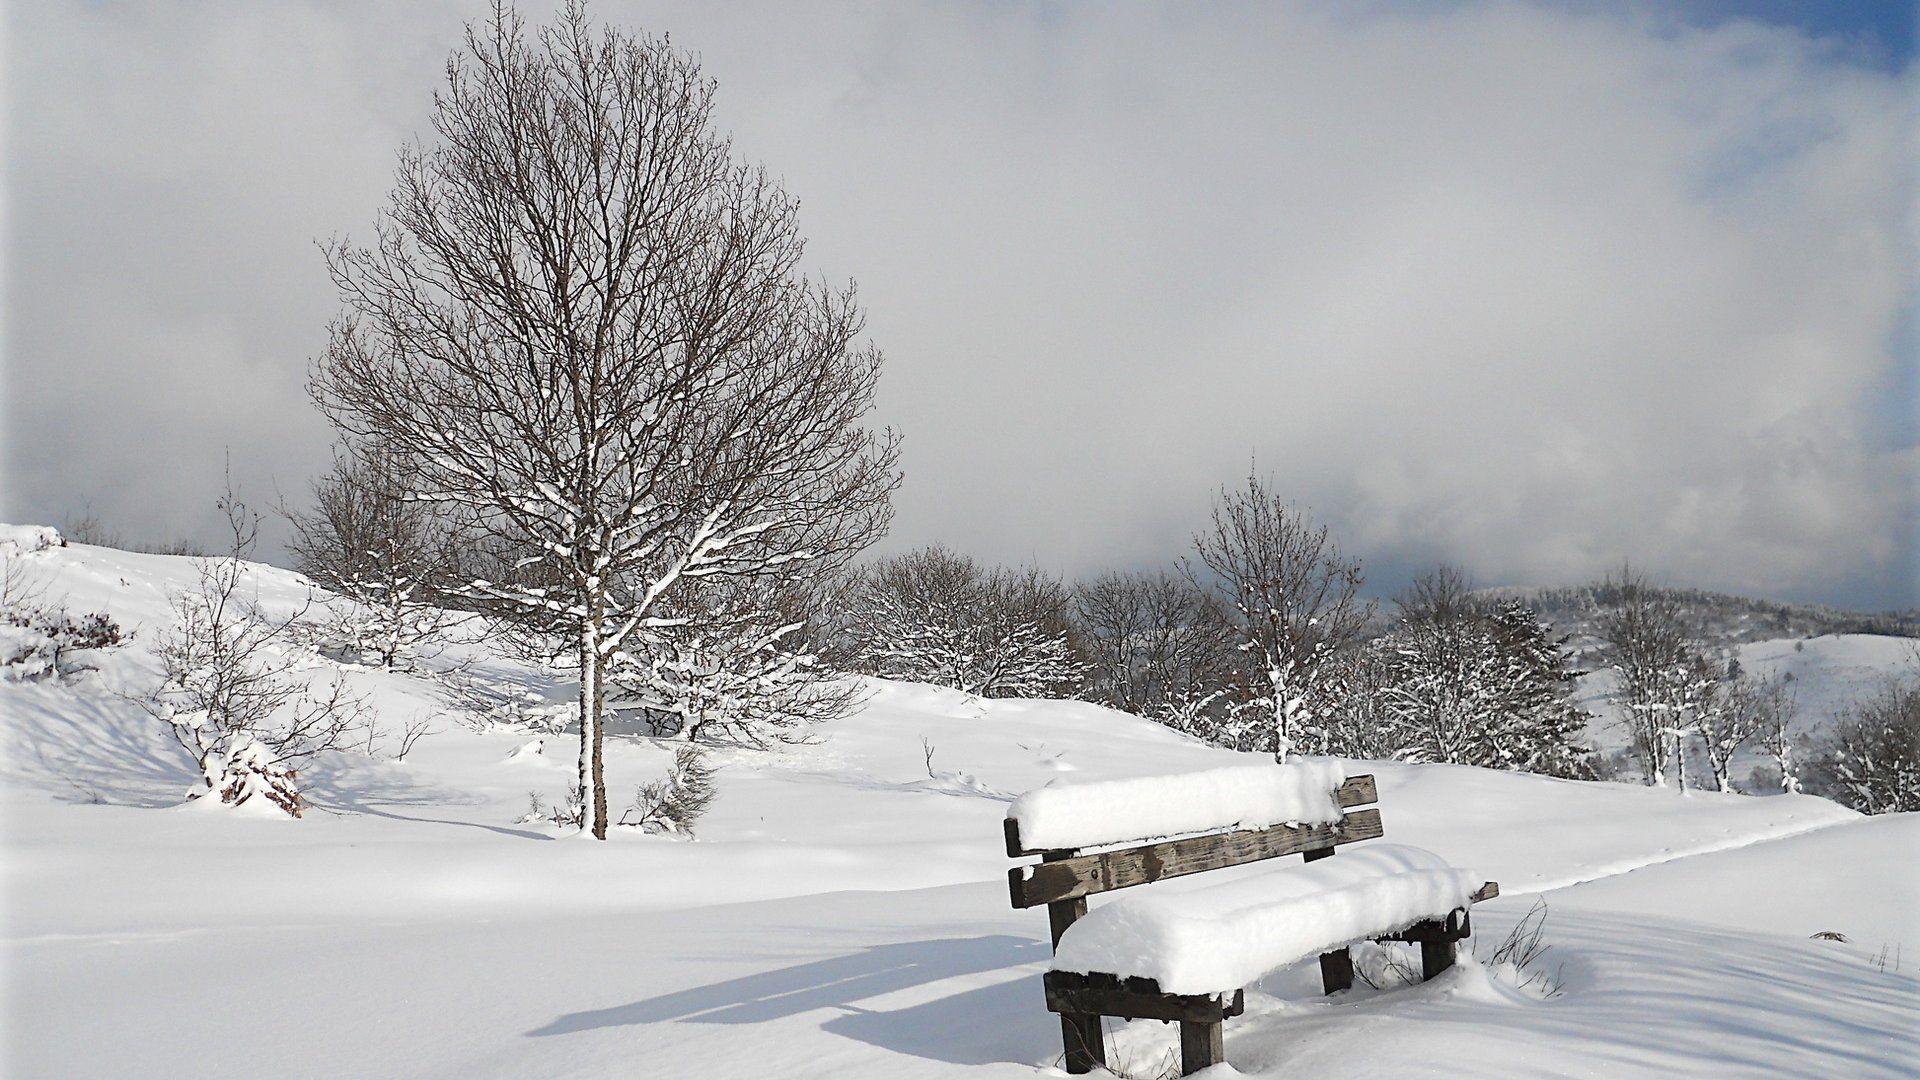 Unutmayın, yaşam ard arda gelen mevsimlerden oluşur. Her insan mükemmel yazların ihtişamına ulaşmak için bir kaç şiddetli kışa katlanmak zorundadır. Ve unutmamak gerekir ki, kışlar asla kalıcı değildir....